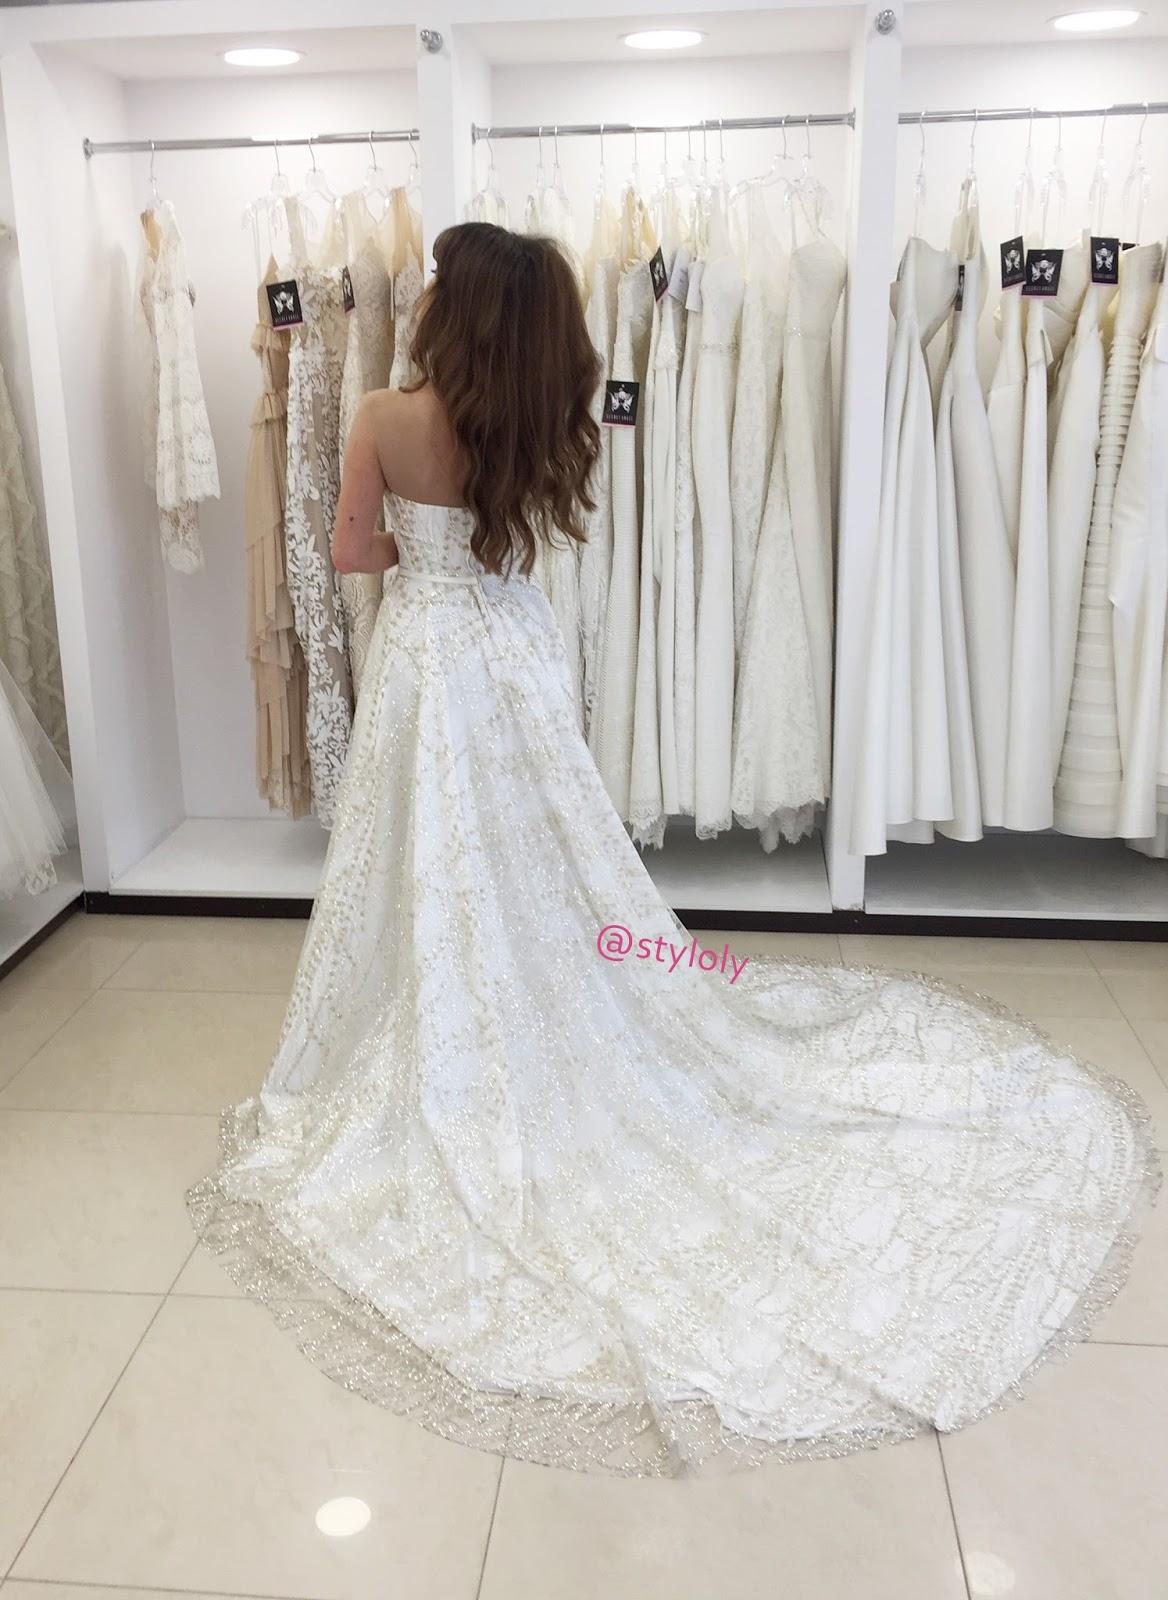 0767debd88 Tym samym najbardziej odważny i niestandardowy - to idealna kreacja na  ceremonię ślubną w plenerze. Suknia bez wątpienia ma w sobie to coś!